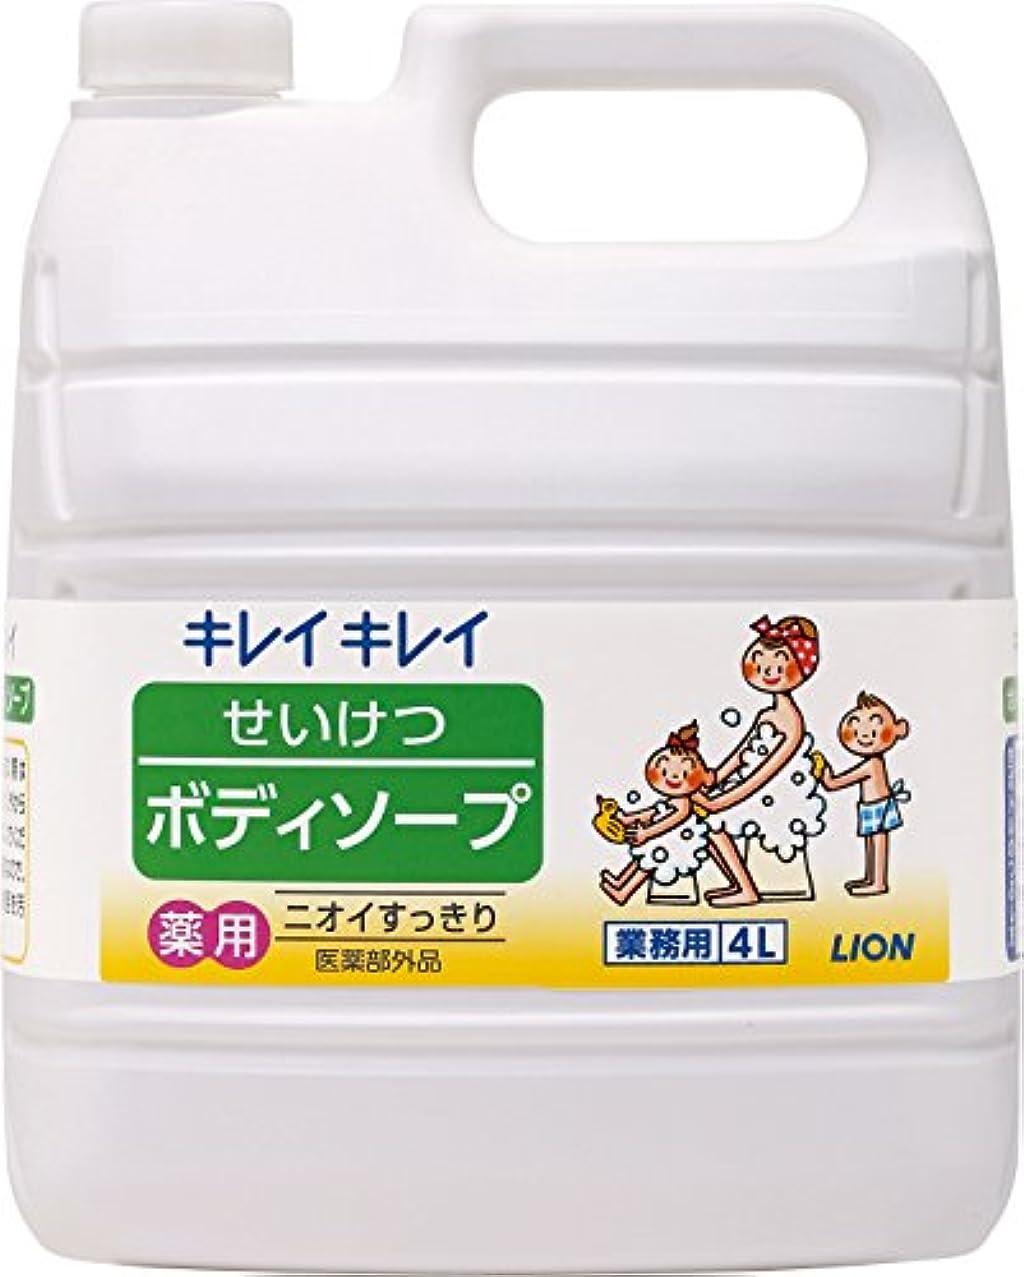 弱まる労苦首【業務用 大容量】キレイキレイ せいけつボディソープ さわやかなレモン&オレンジの香り 4L(医薬部外品)